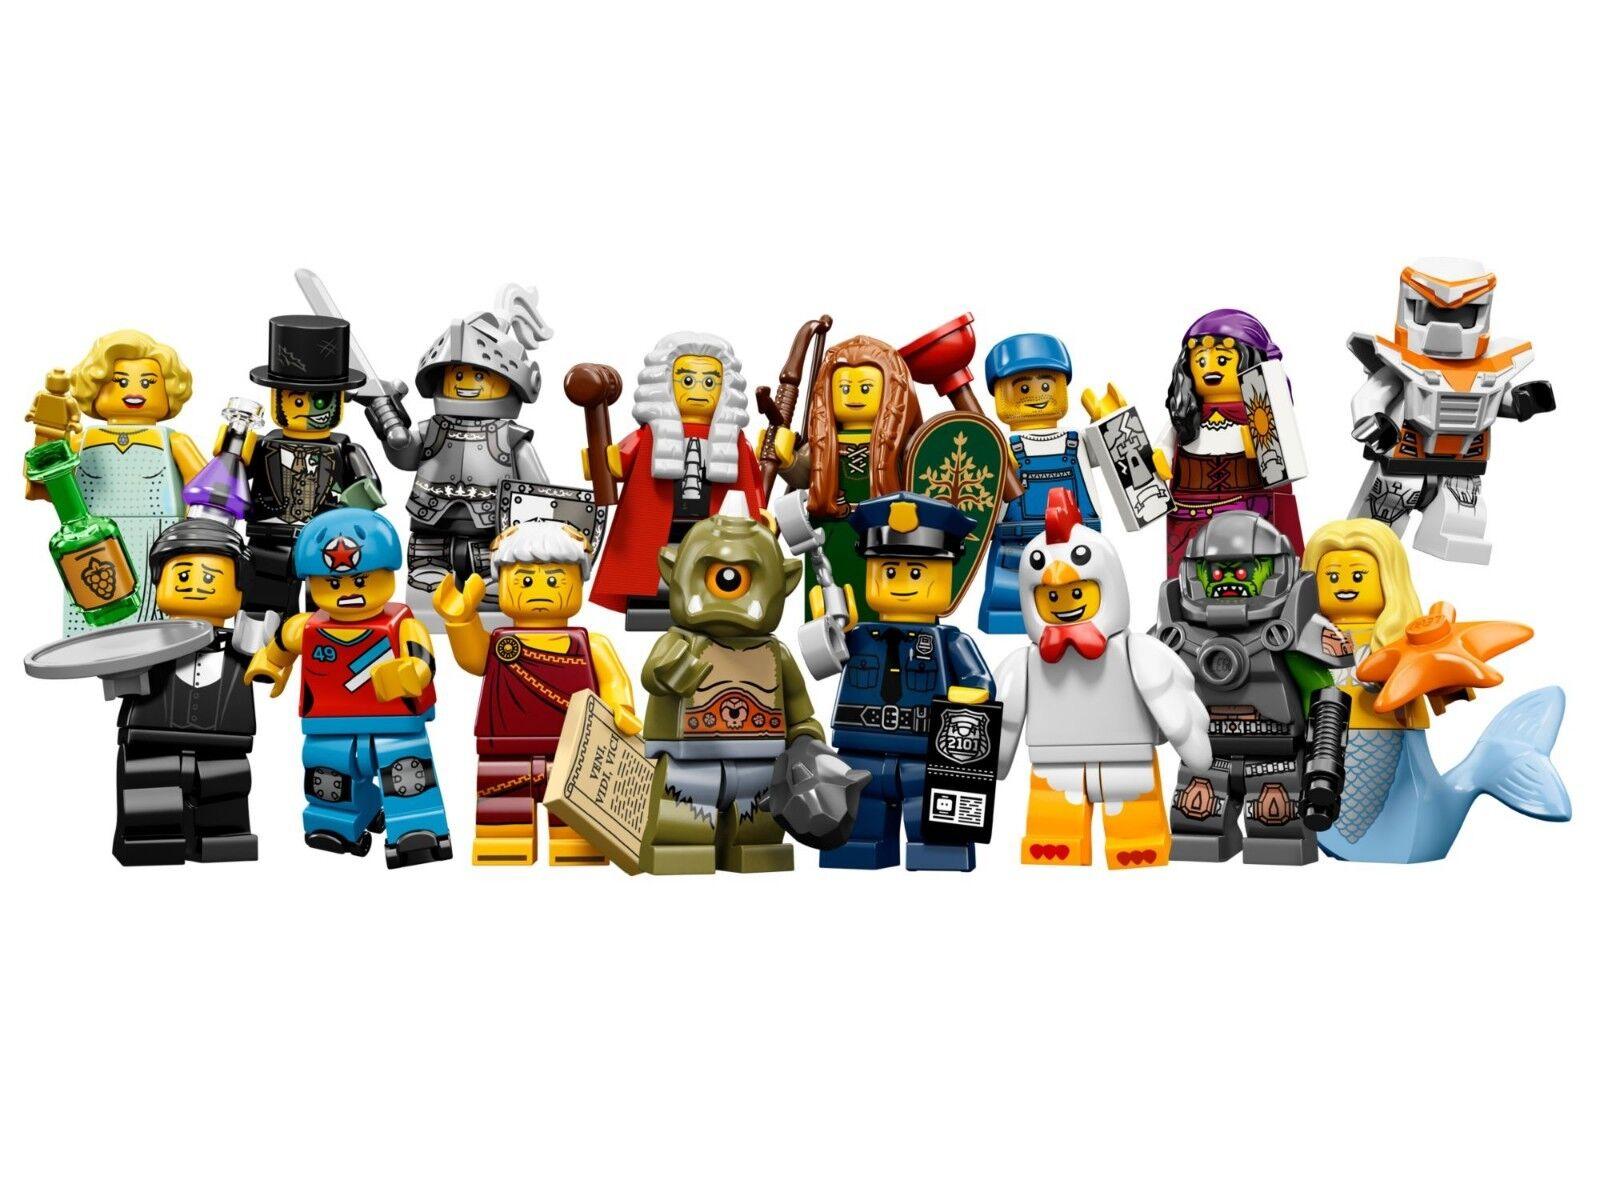 100% nuovo di zecca con qualità originale LEGO 71000 tutti i personaggi della serie serie serie 9 completa 16 cifra collezione da 2013  in vendita online